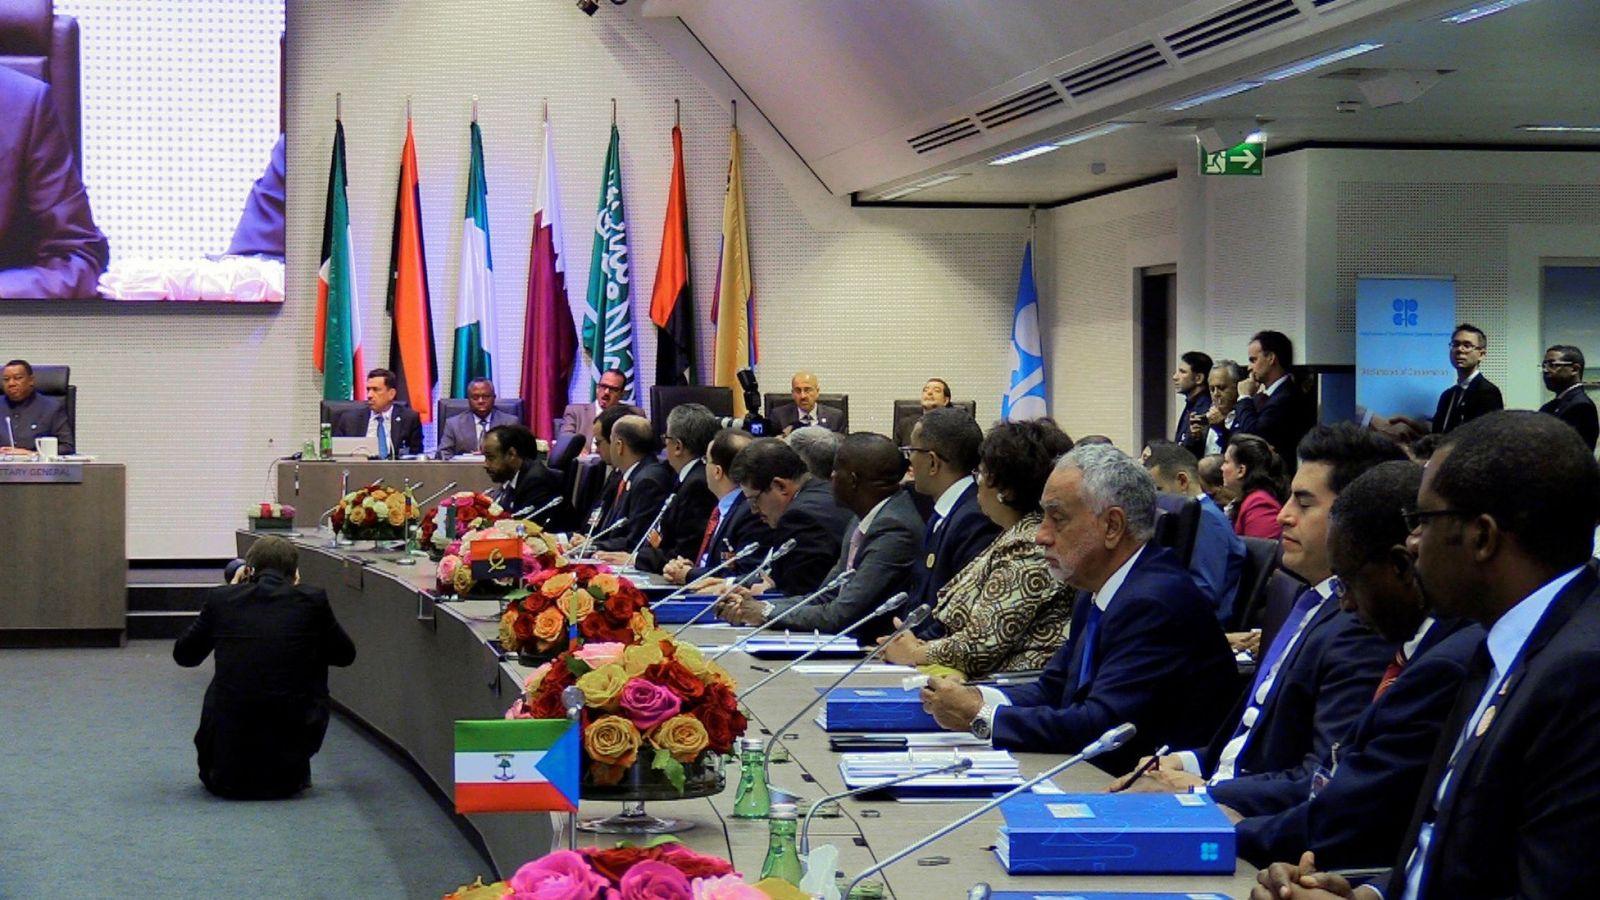 Foto: Reunión de la OPEP. (EFE)